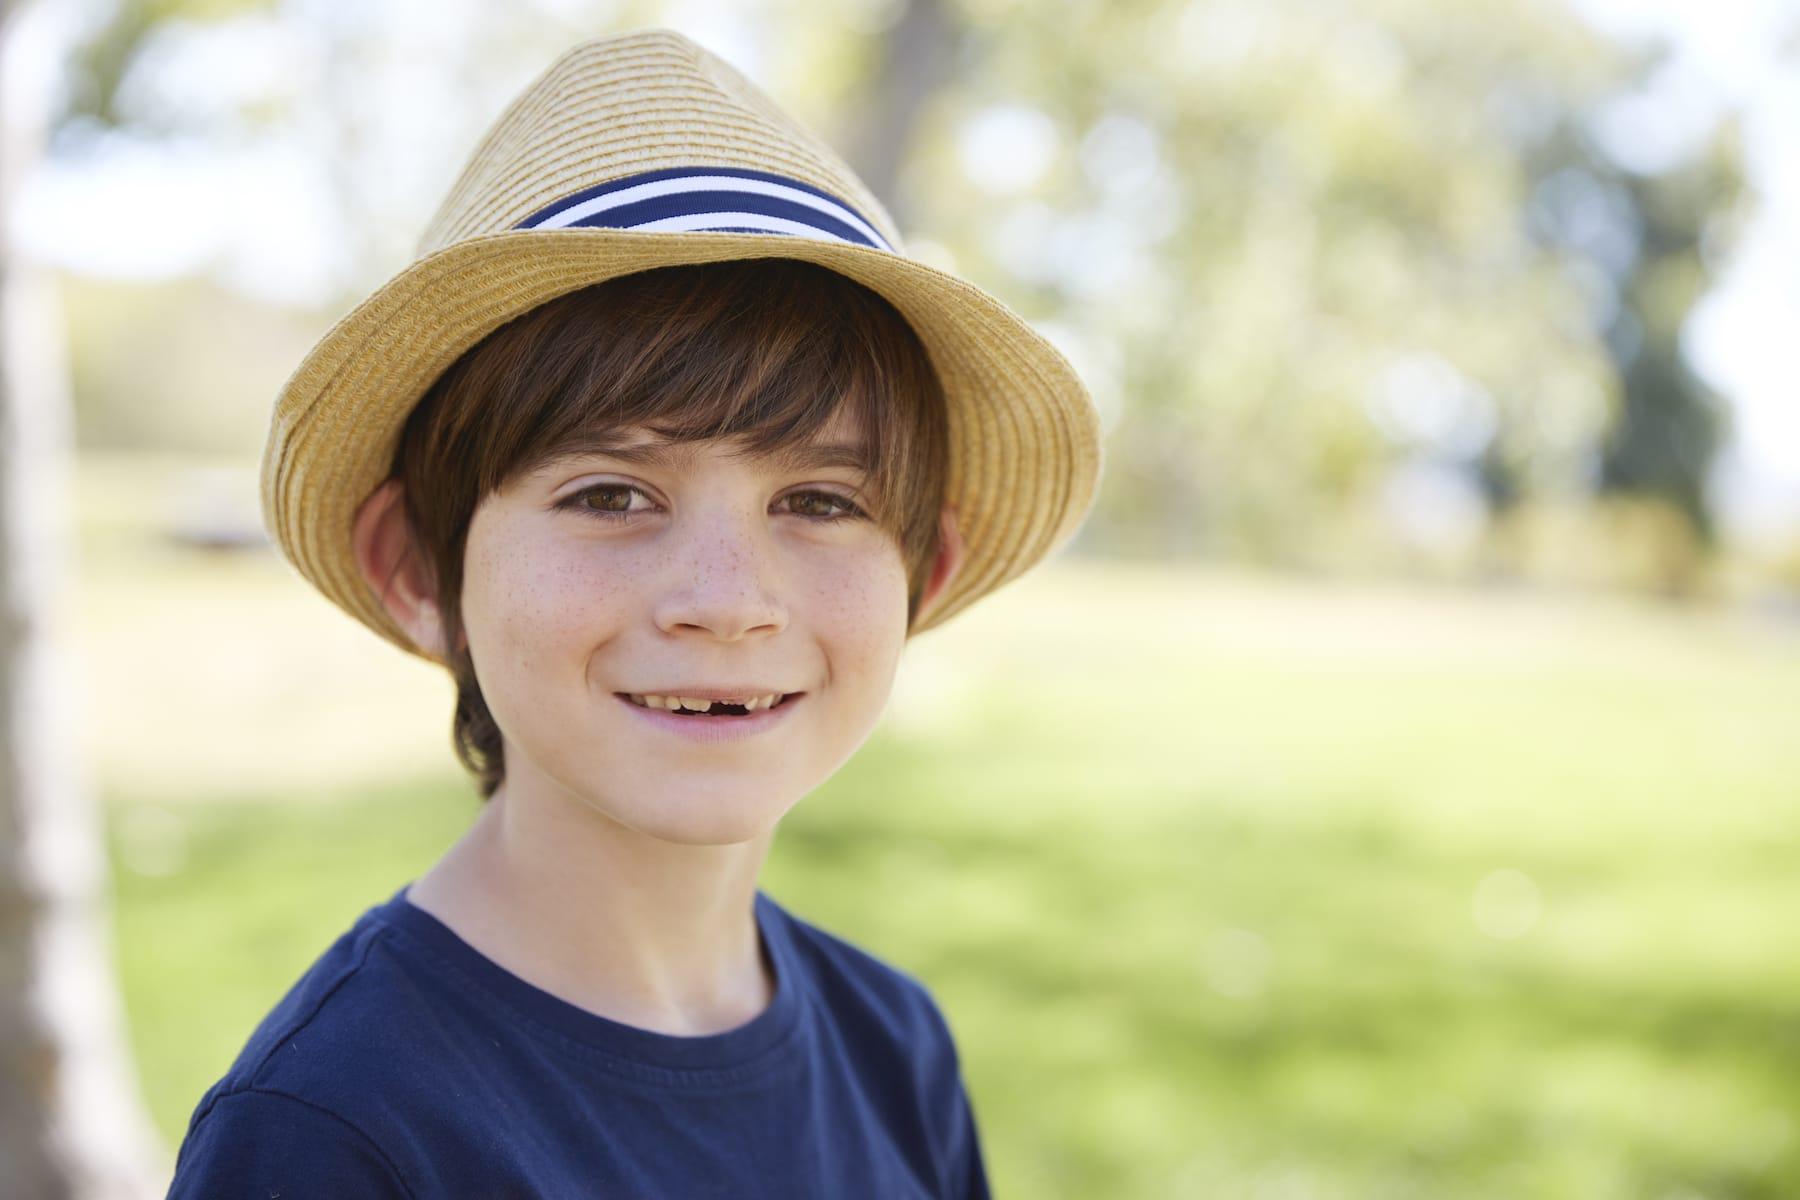 Erste Hilfe beim Zahnunfall zur Zahnrettung